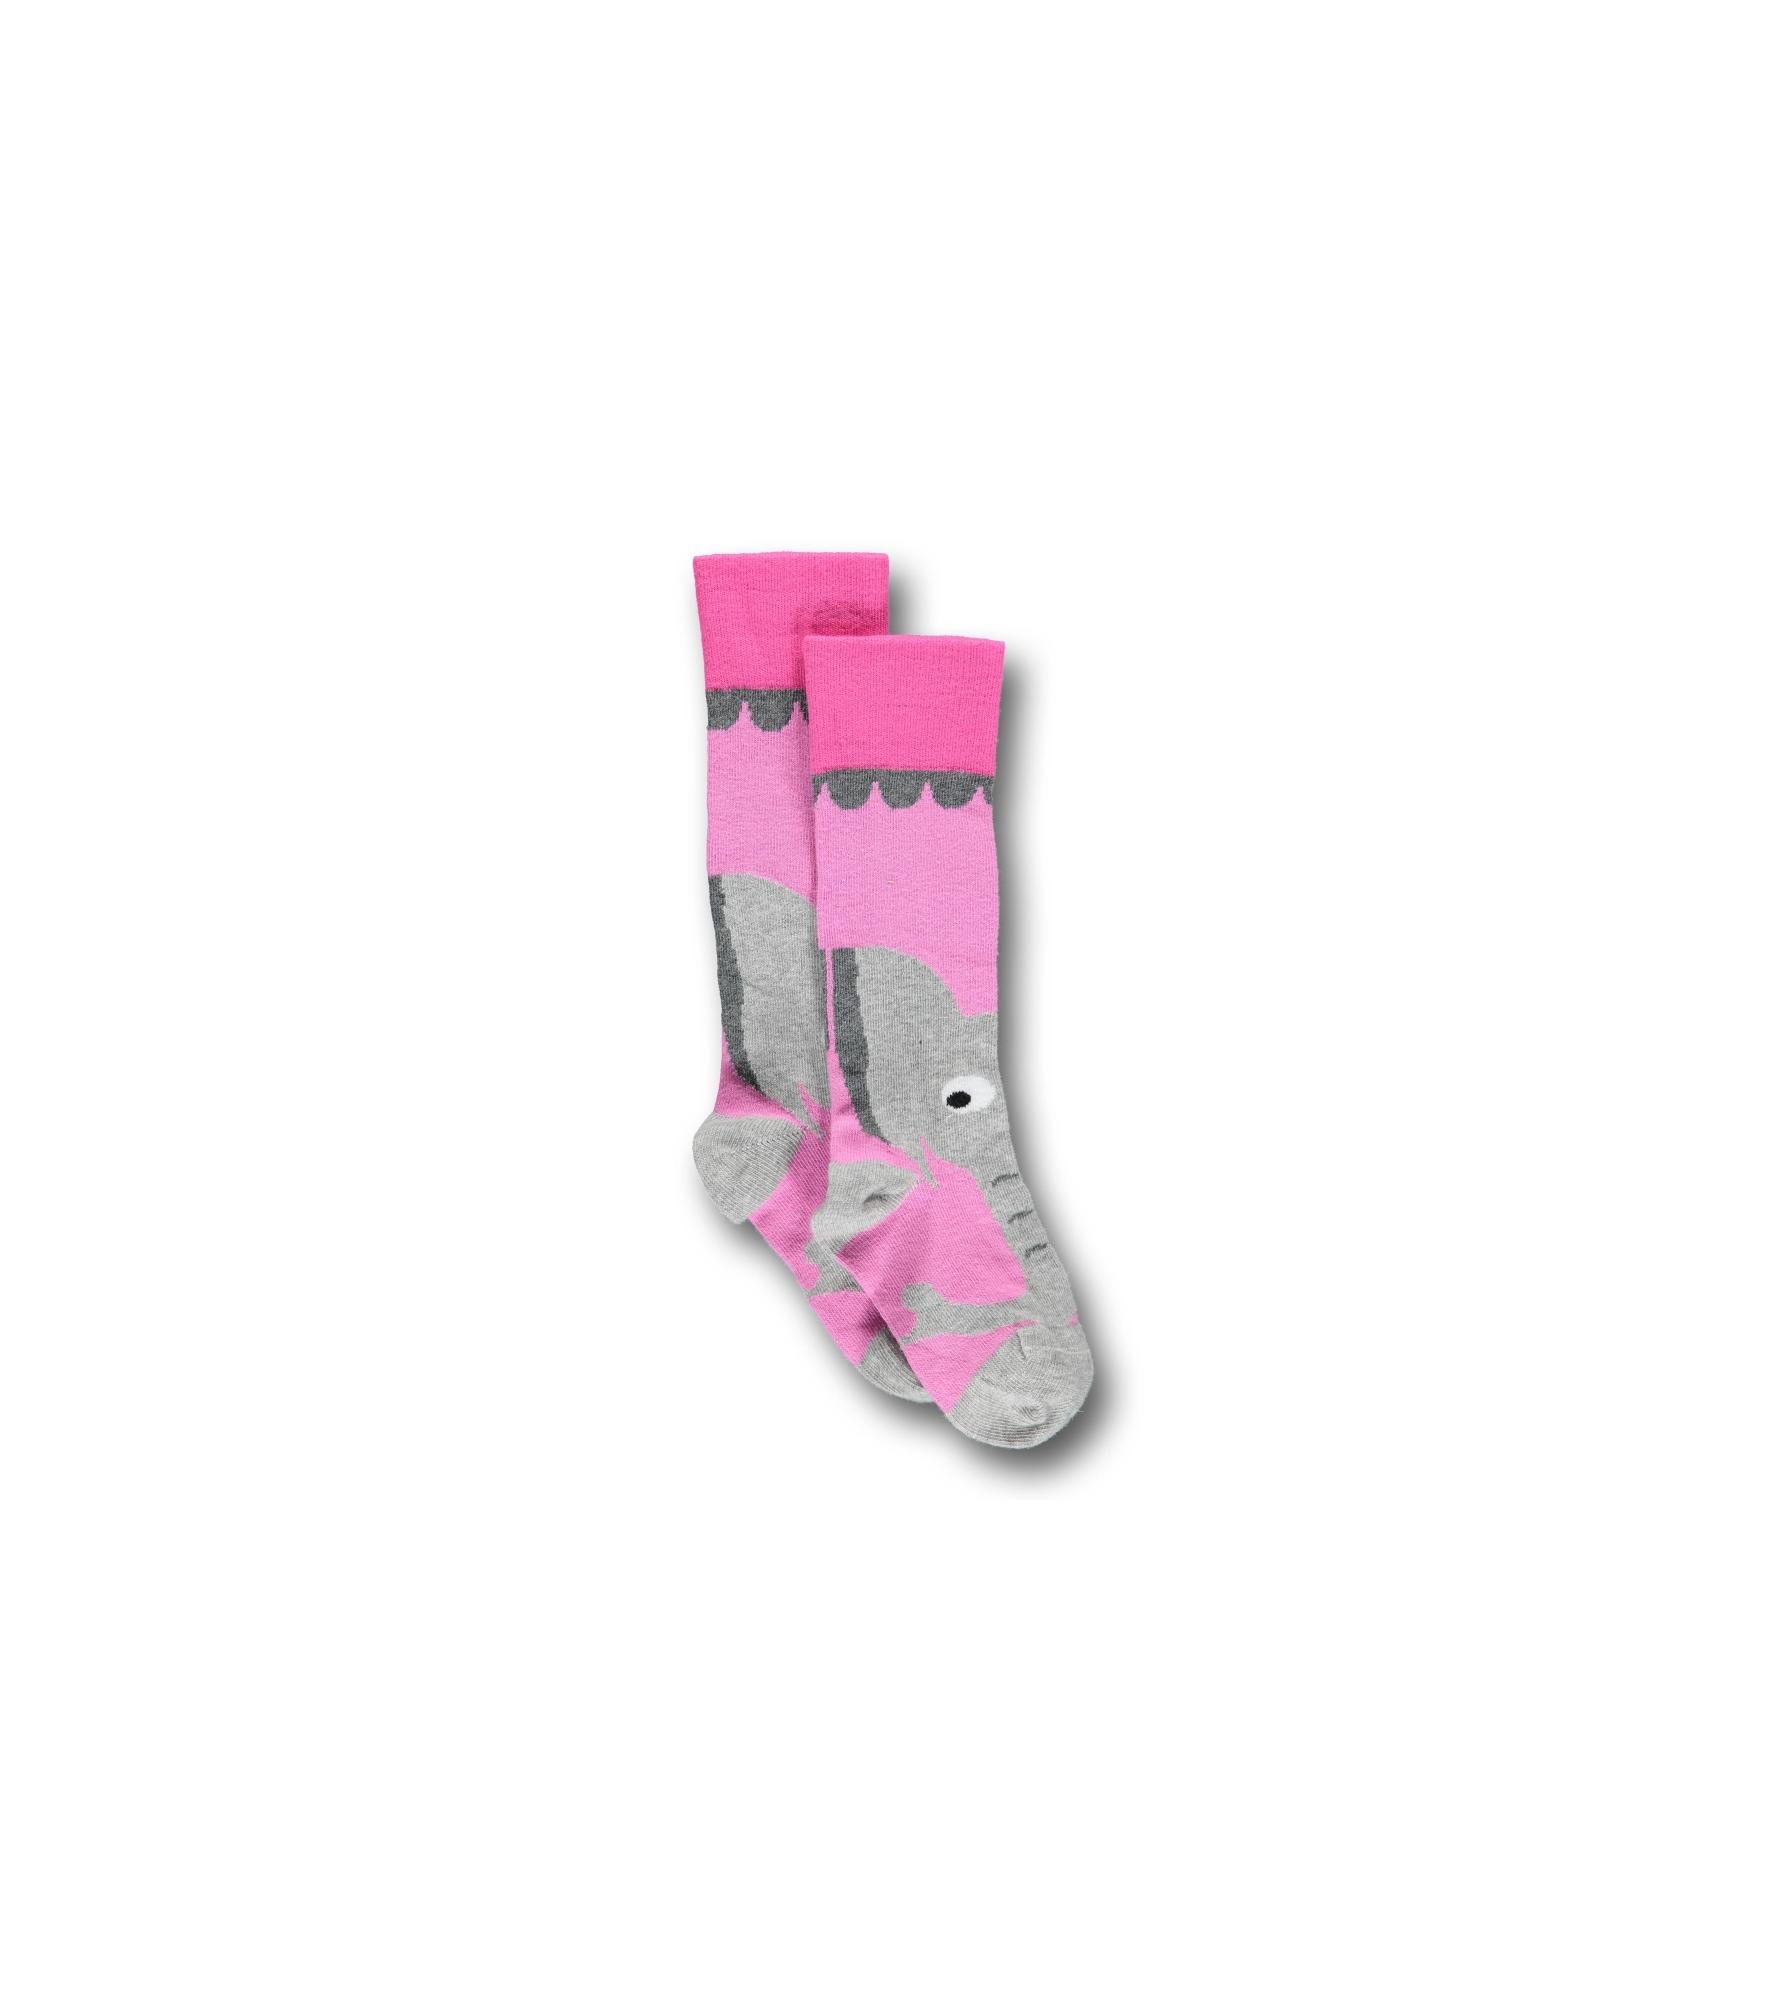 UBANG_AW15_style273_pink_edit.jpg